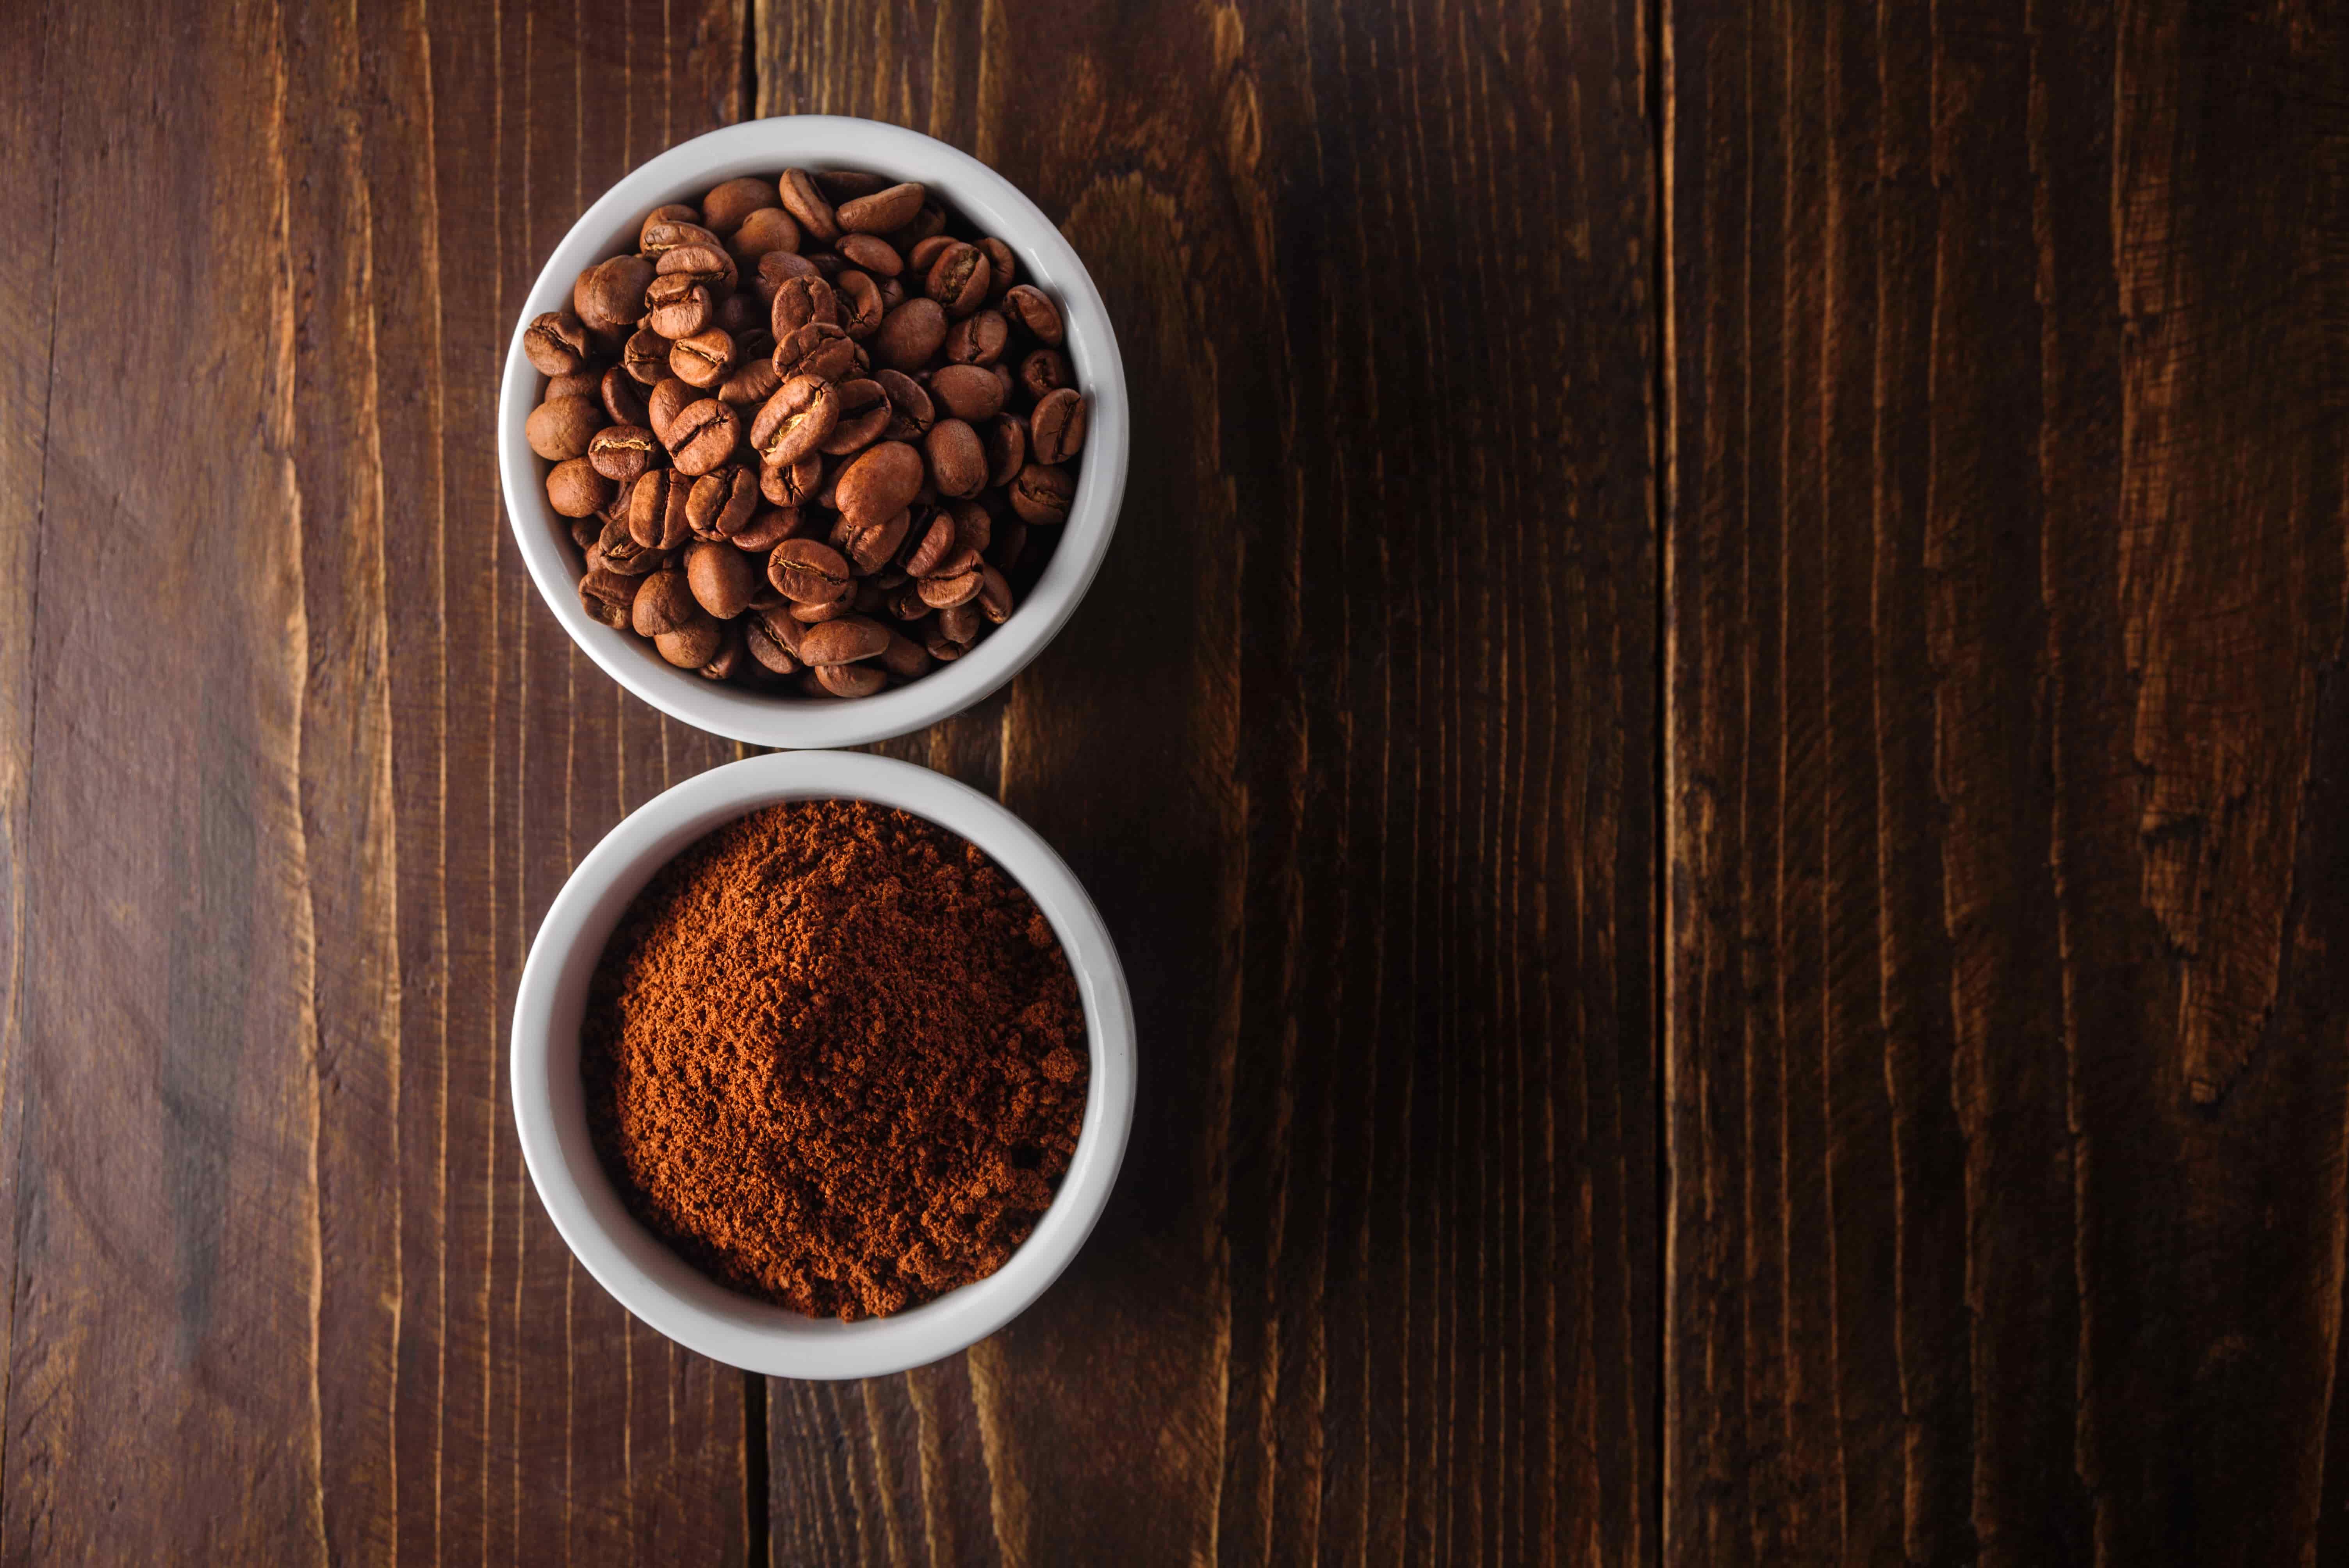 Польза и вред кофе. Сколько кофе пить безопасно для здоровья